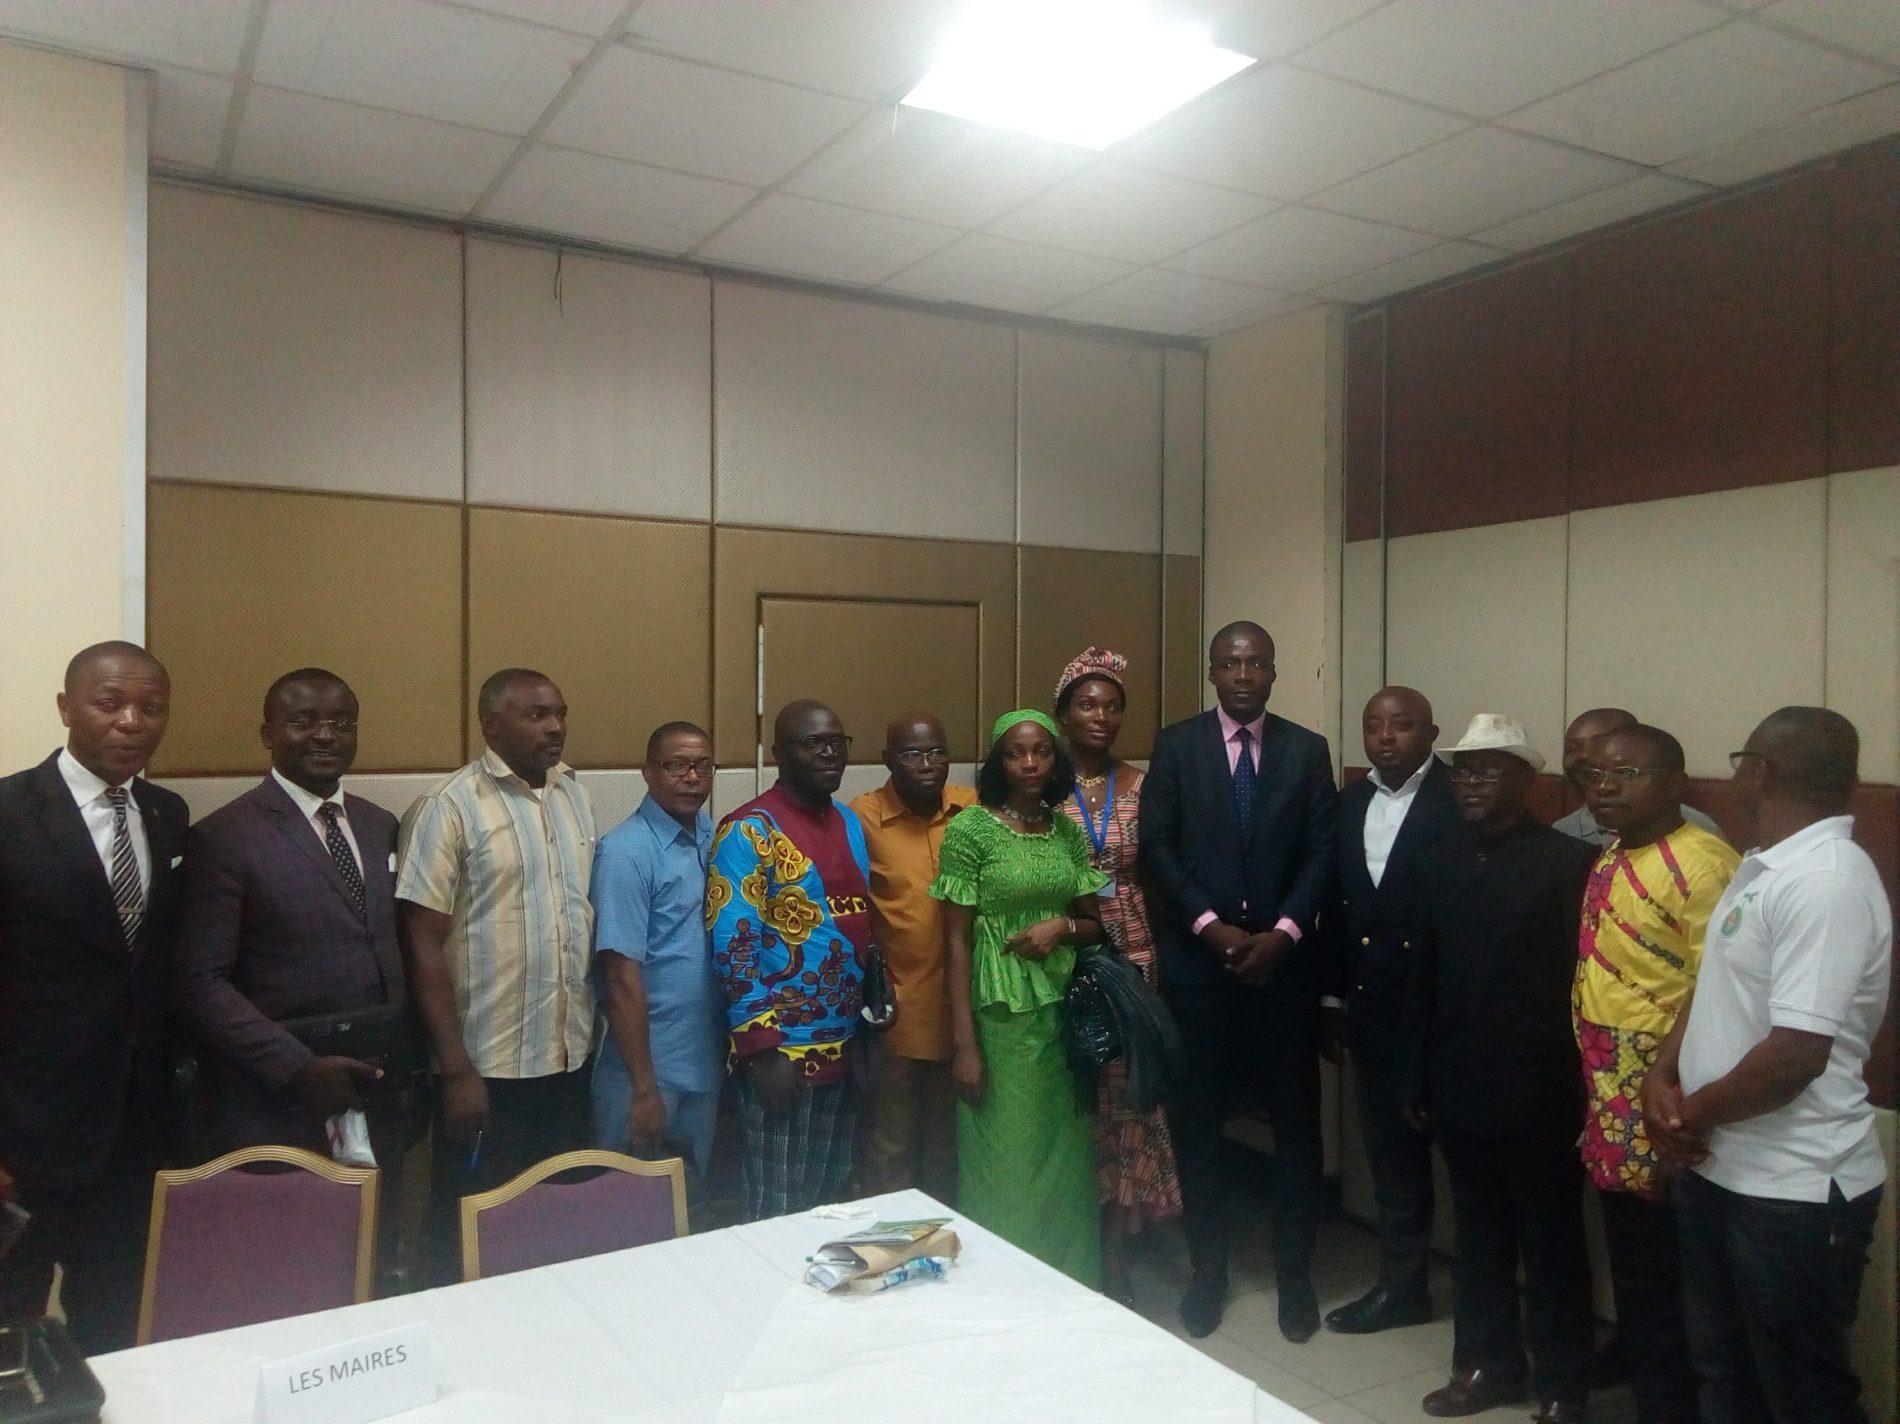 Décentralisation: L'AGDLD réunit les maires  pour des opportunités de coopération